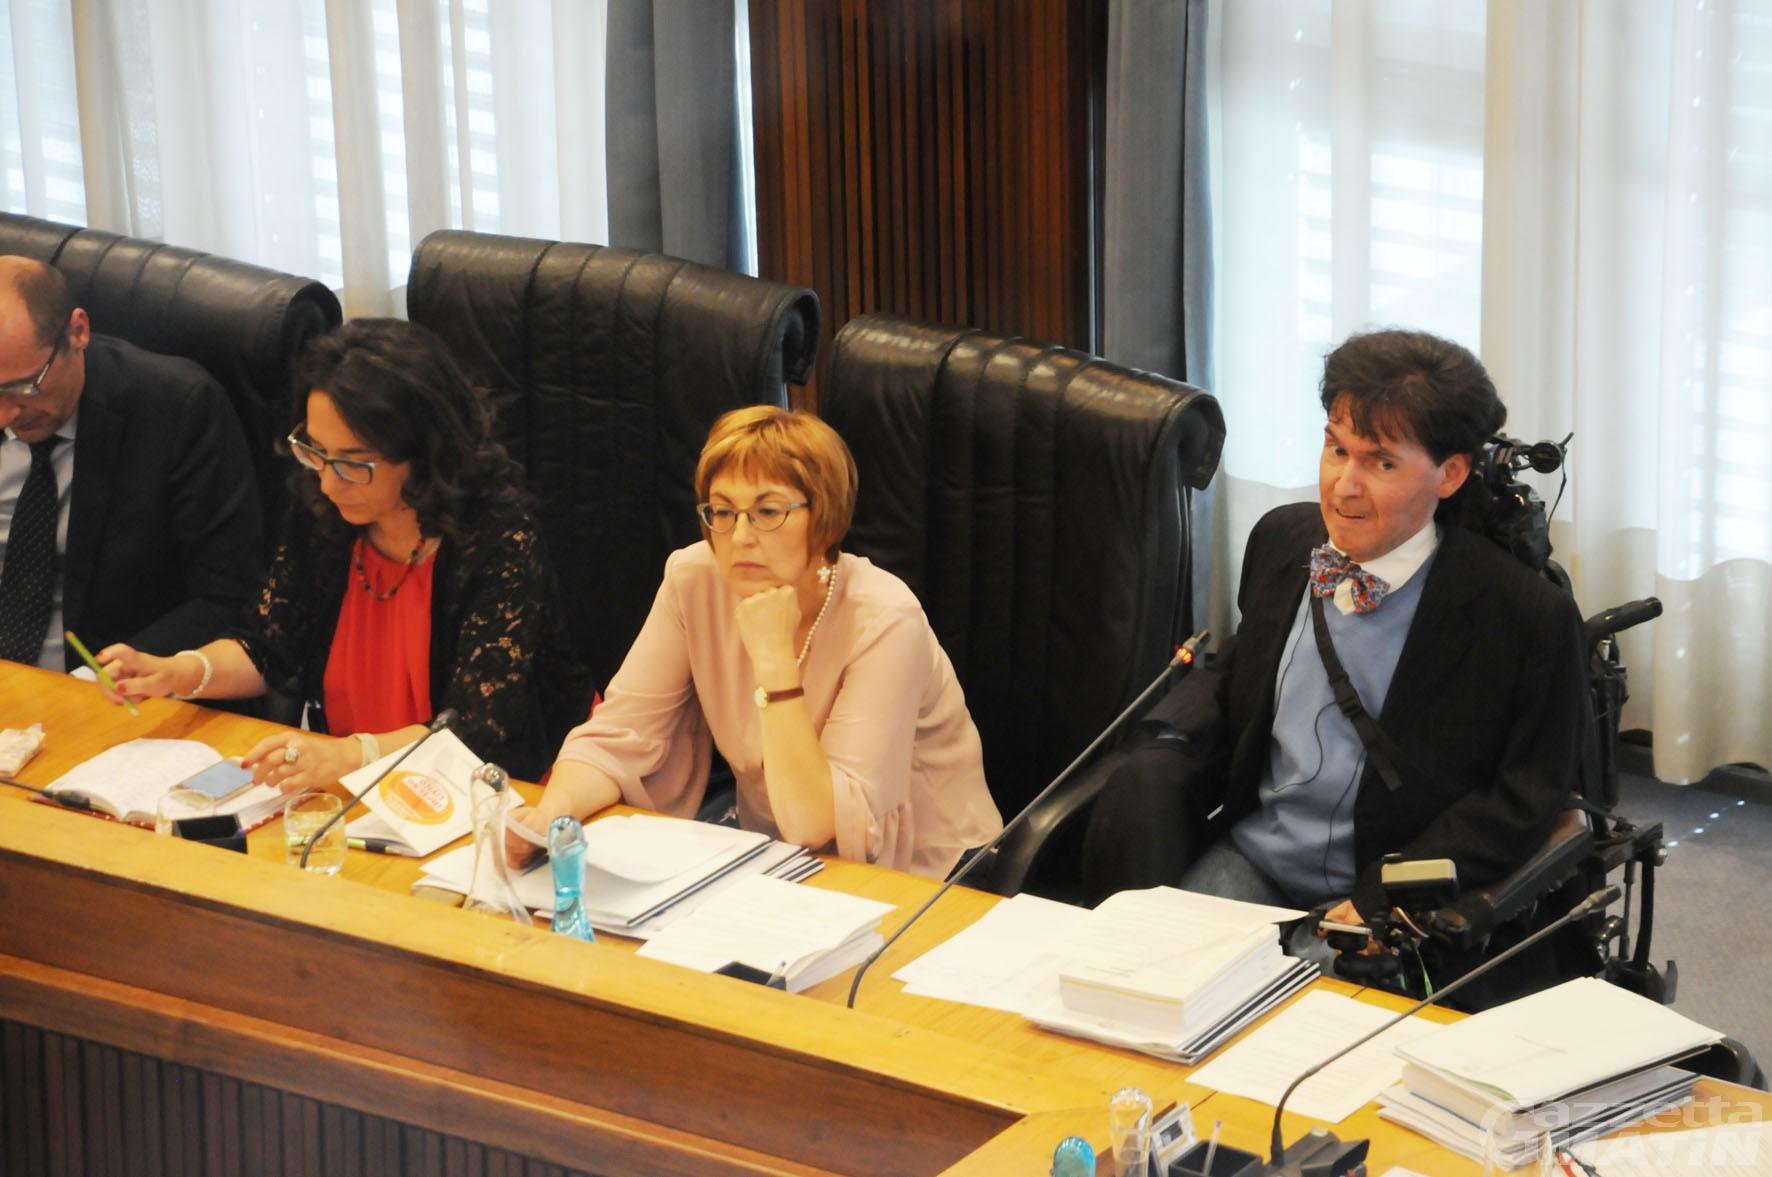 """Impegno civico: """"Consiglio regionale paralizzato da polemiche e crisi politiche"""""""